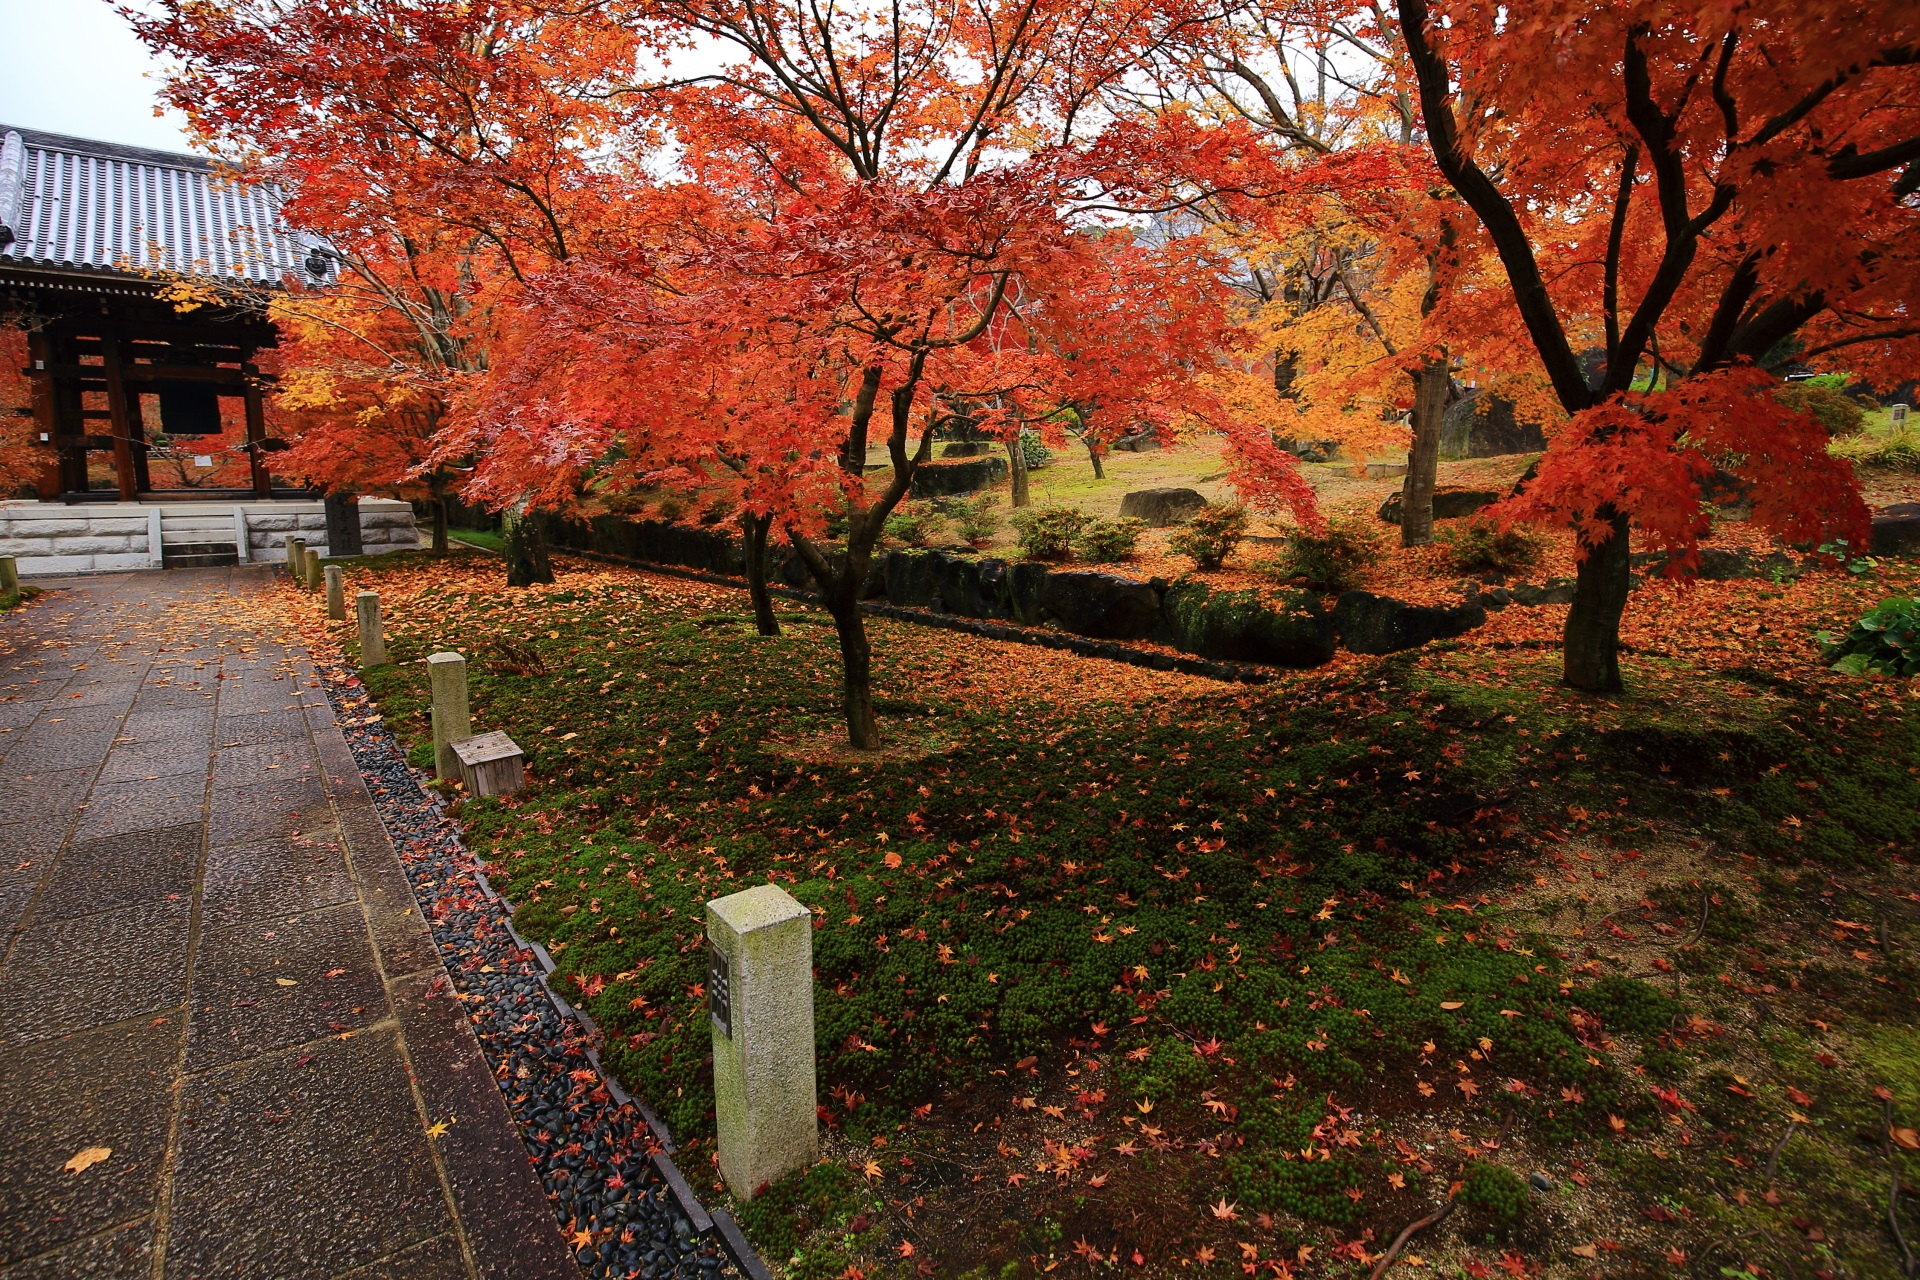 智積院の早朝の境内を秋色に彩る多彩な紅葉と散りもみじ